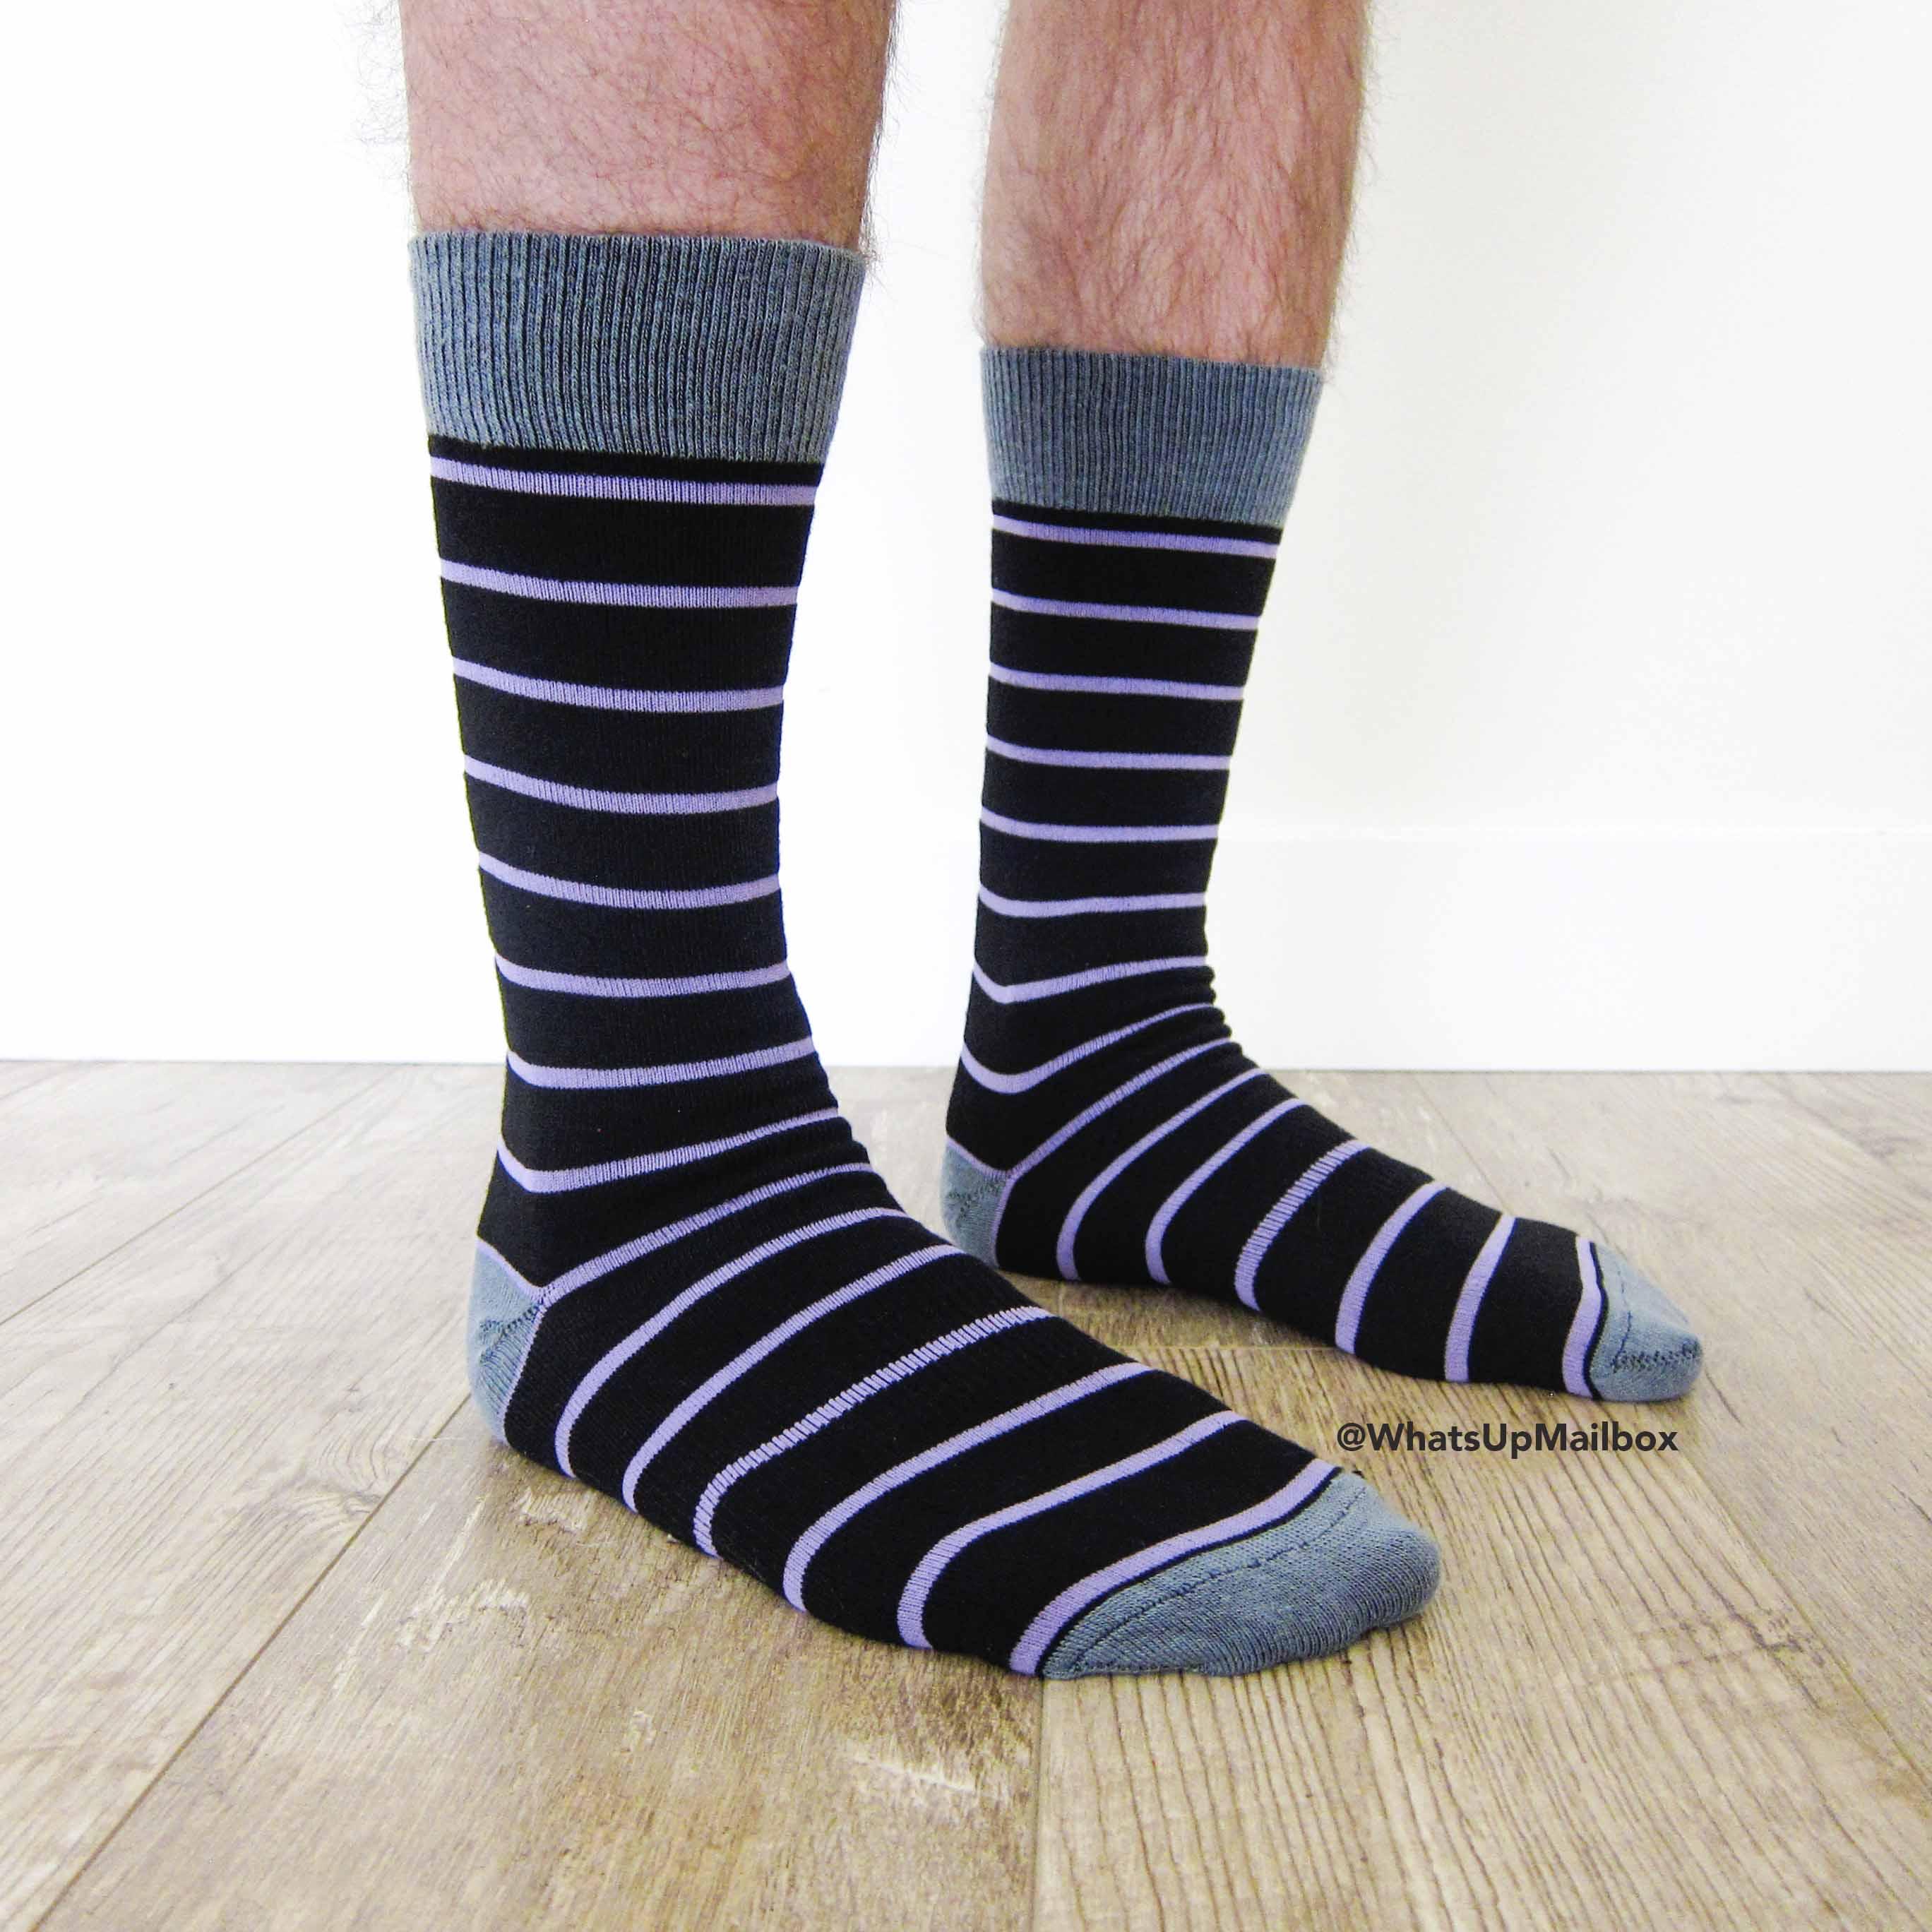 West End The Hunter Socks